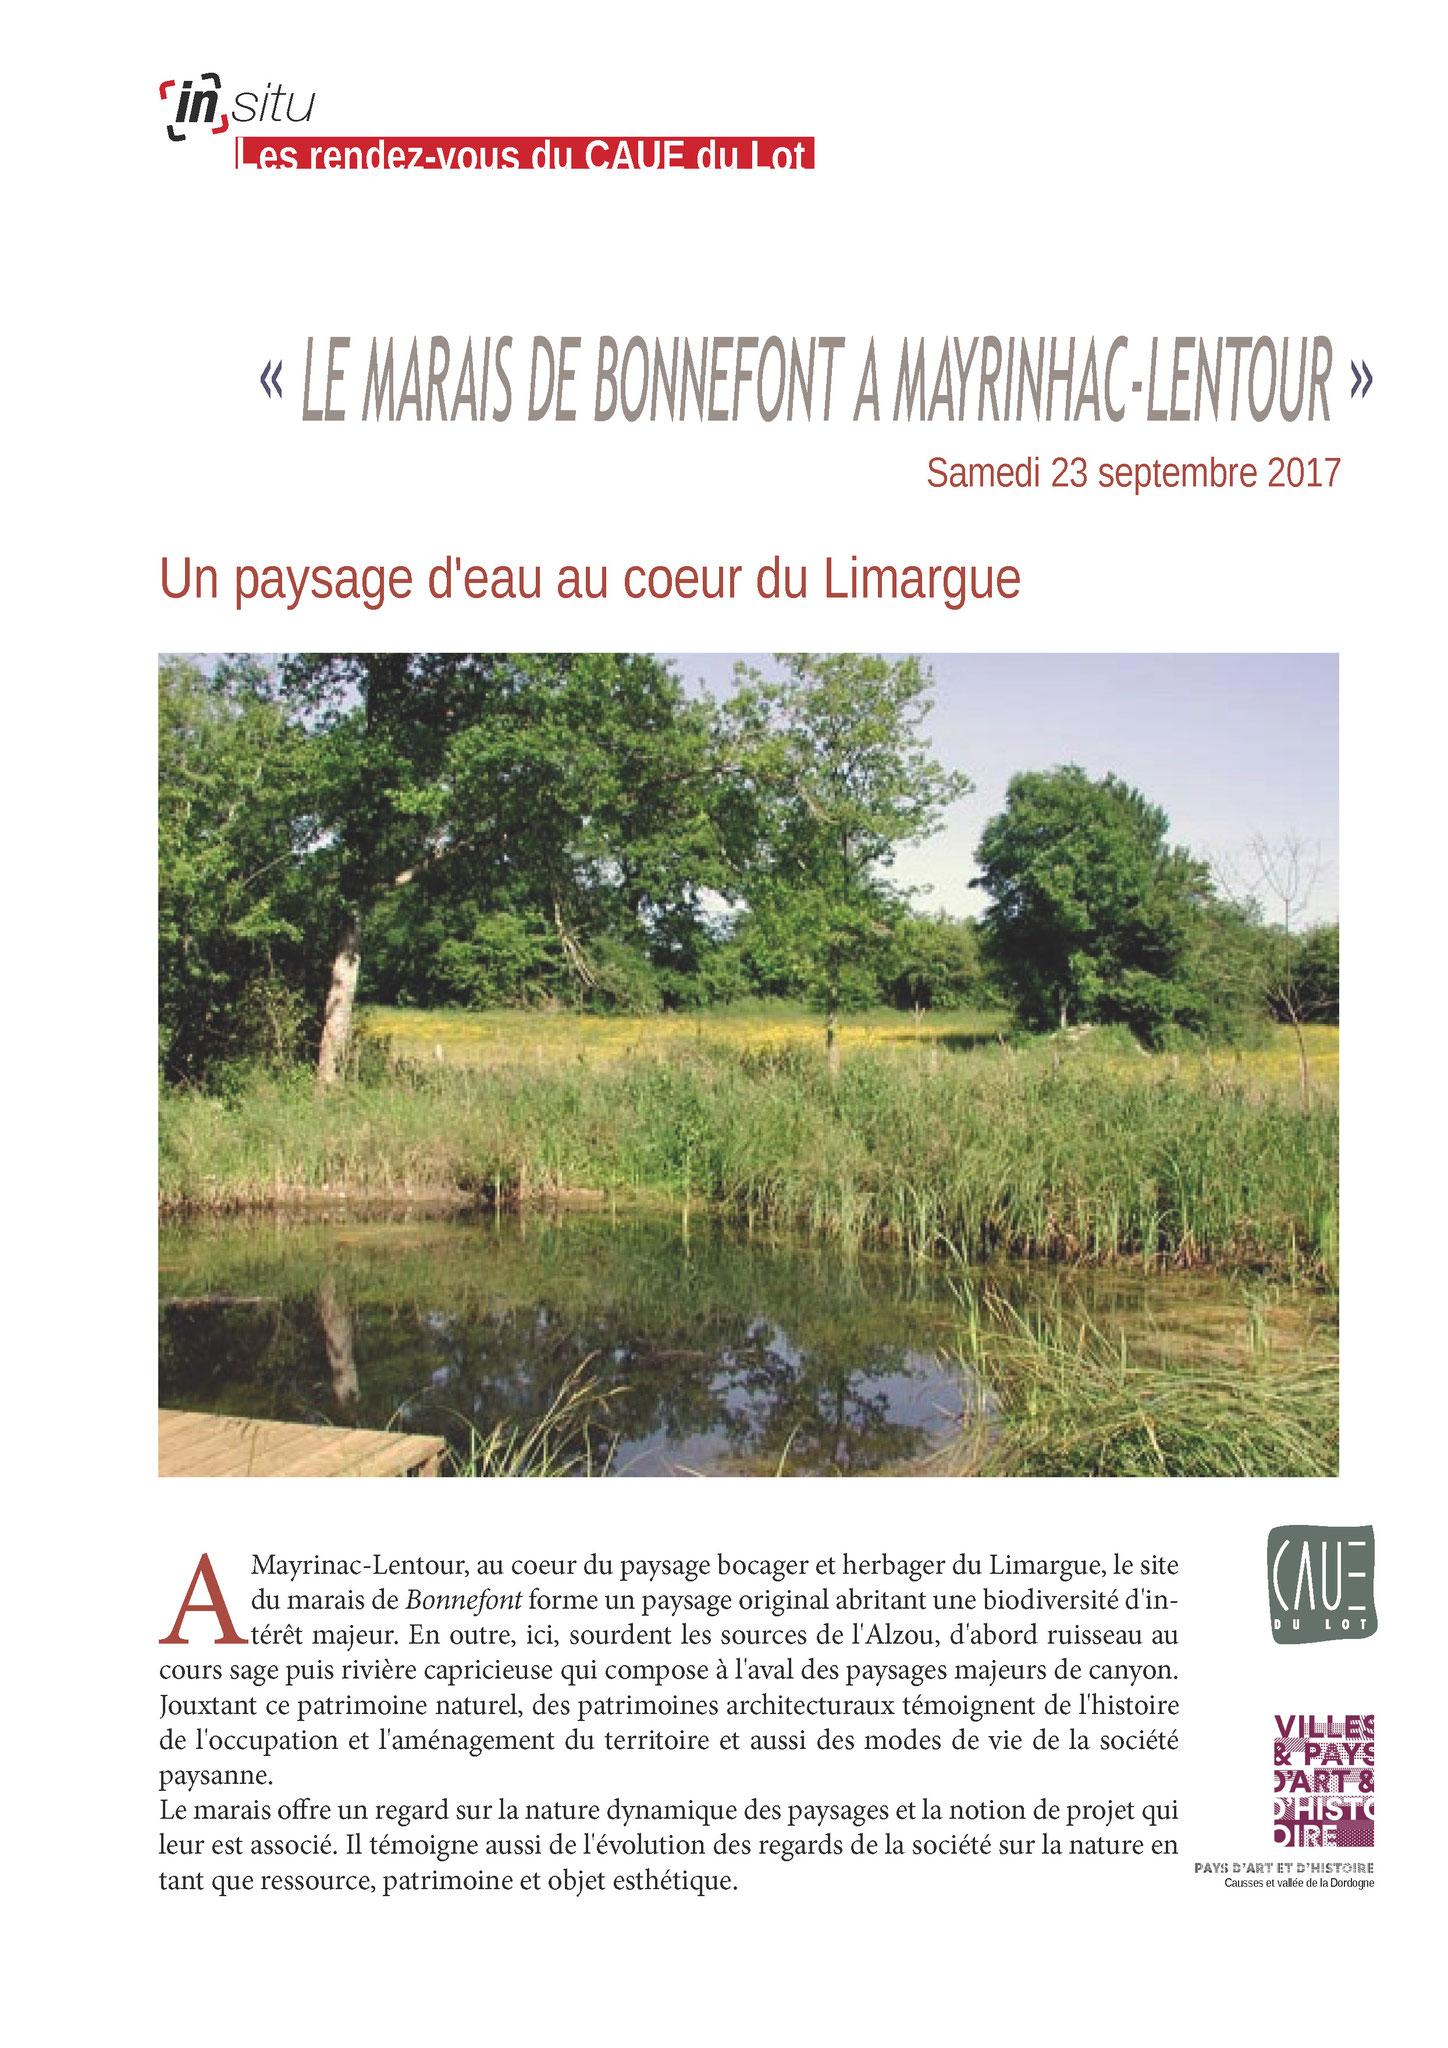 Mayrinhac-Lentour, le marais de Bonnefont - Septembre 2017